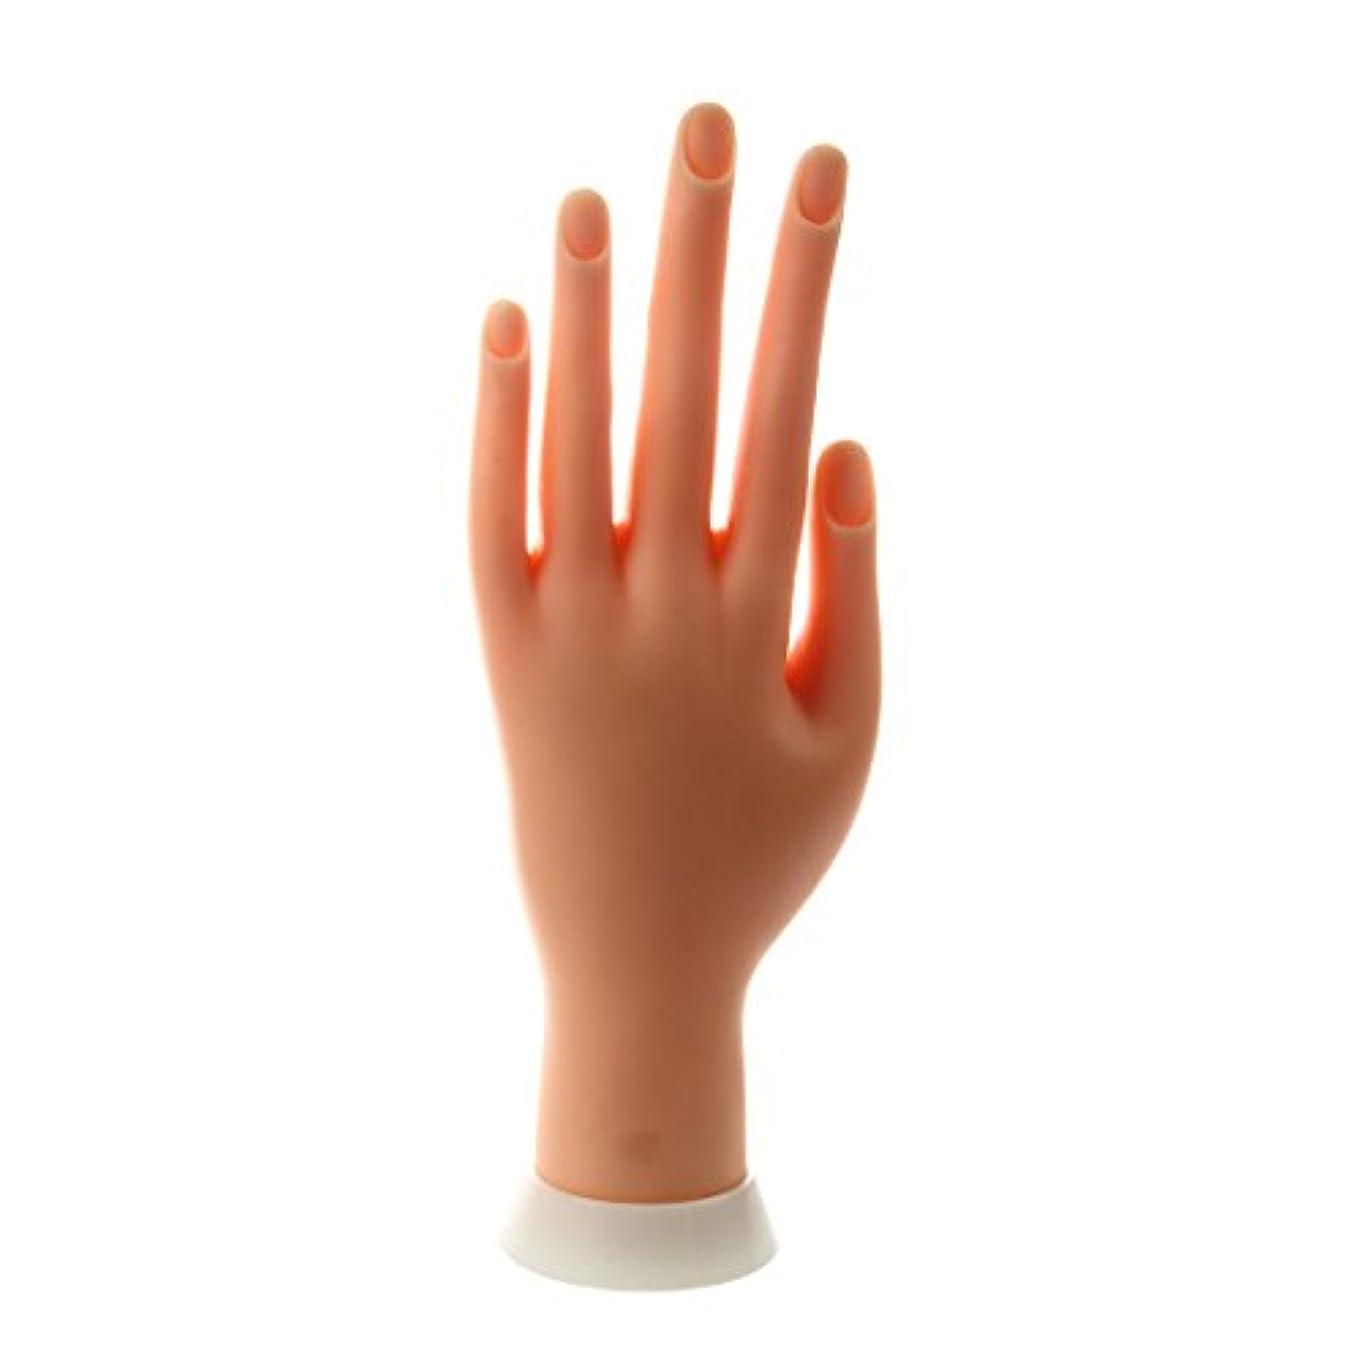 独裁ゼロポテトSODIAL(R) ネイルアートの練習のためのモデル左手